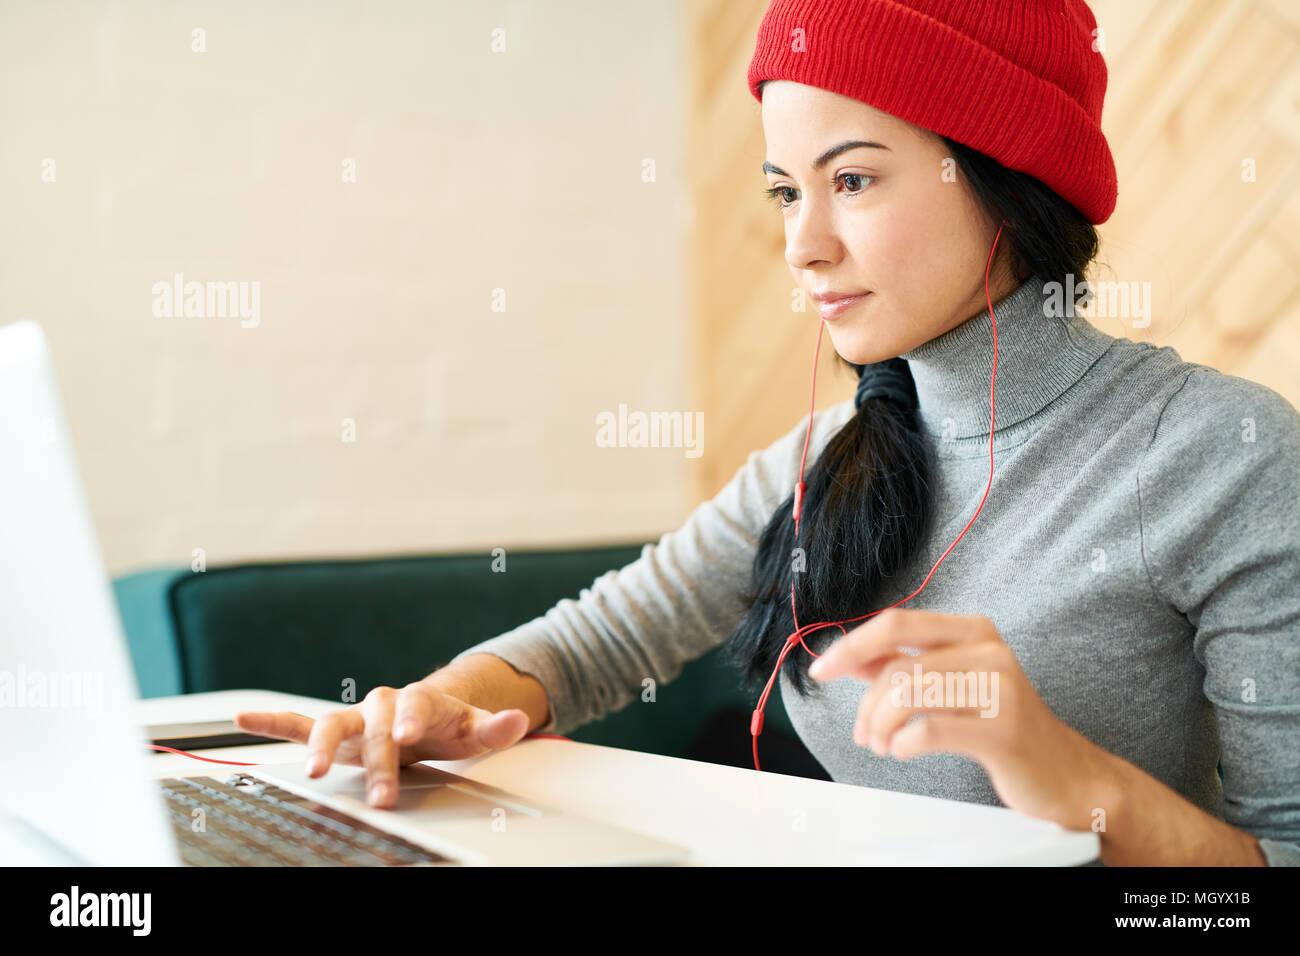 Junge Frau im Cafe Stockbild